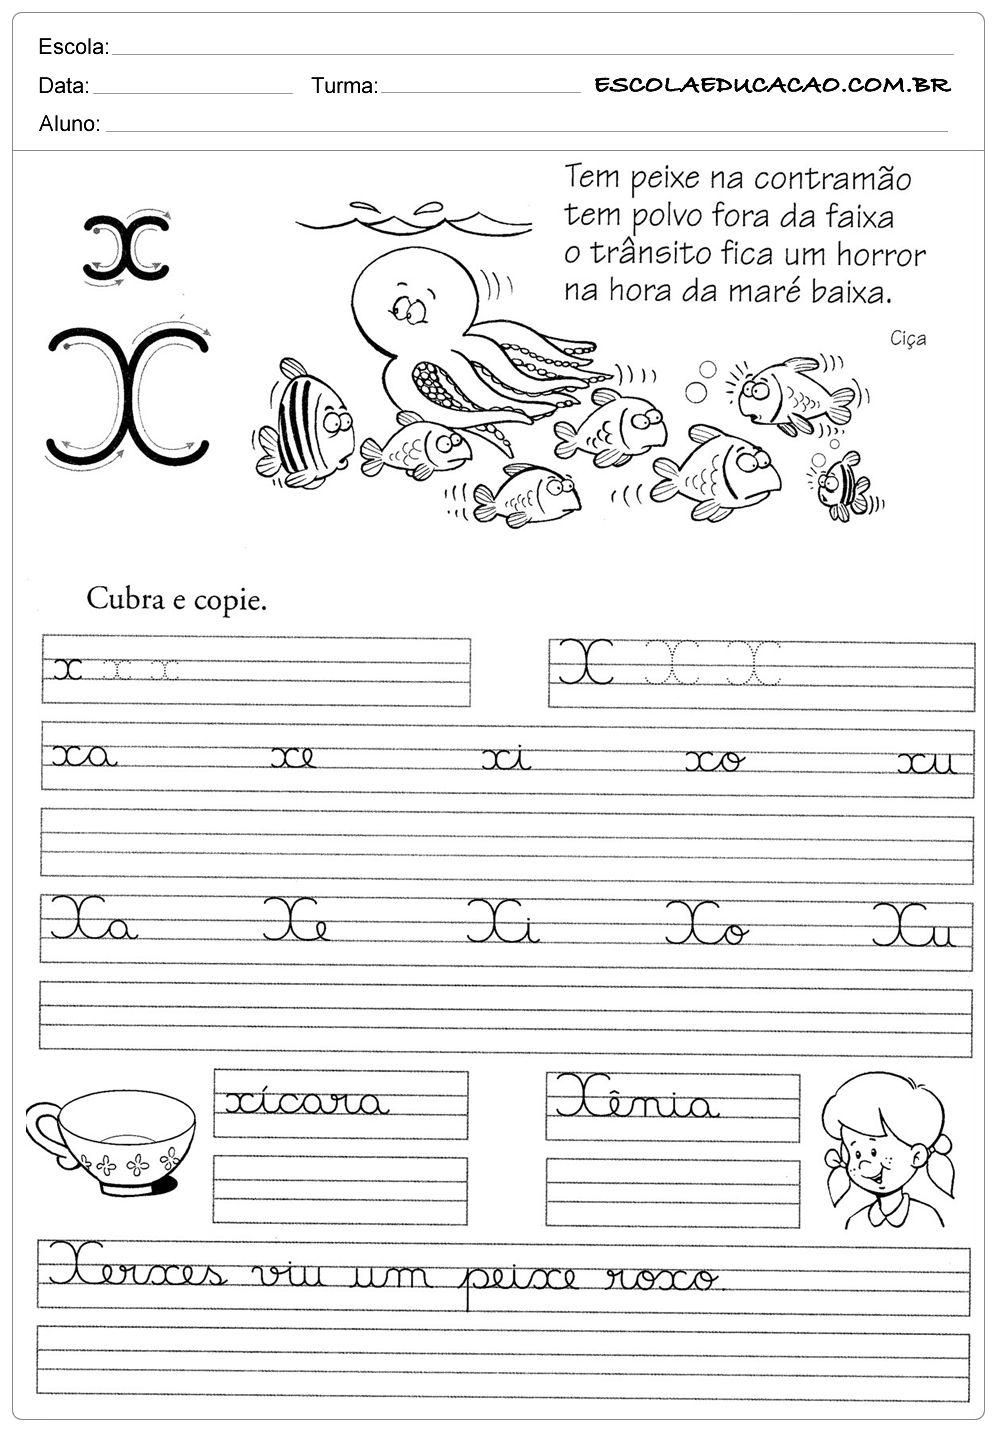 Atividade de caligrafia br cr dr fr gr pr tr vr escola